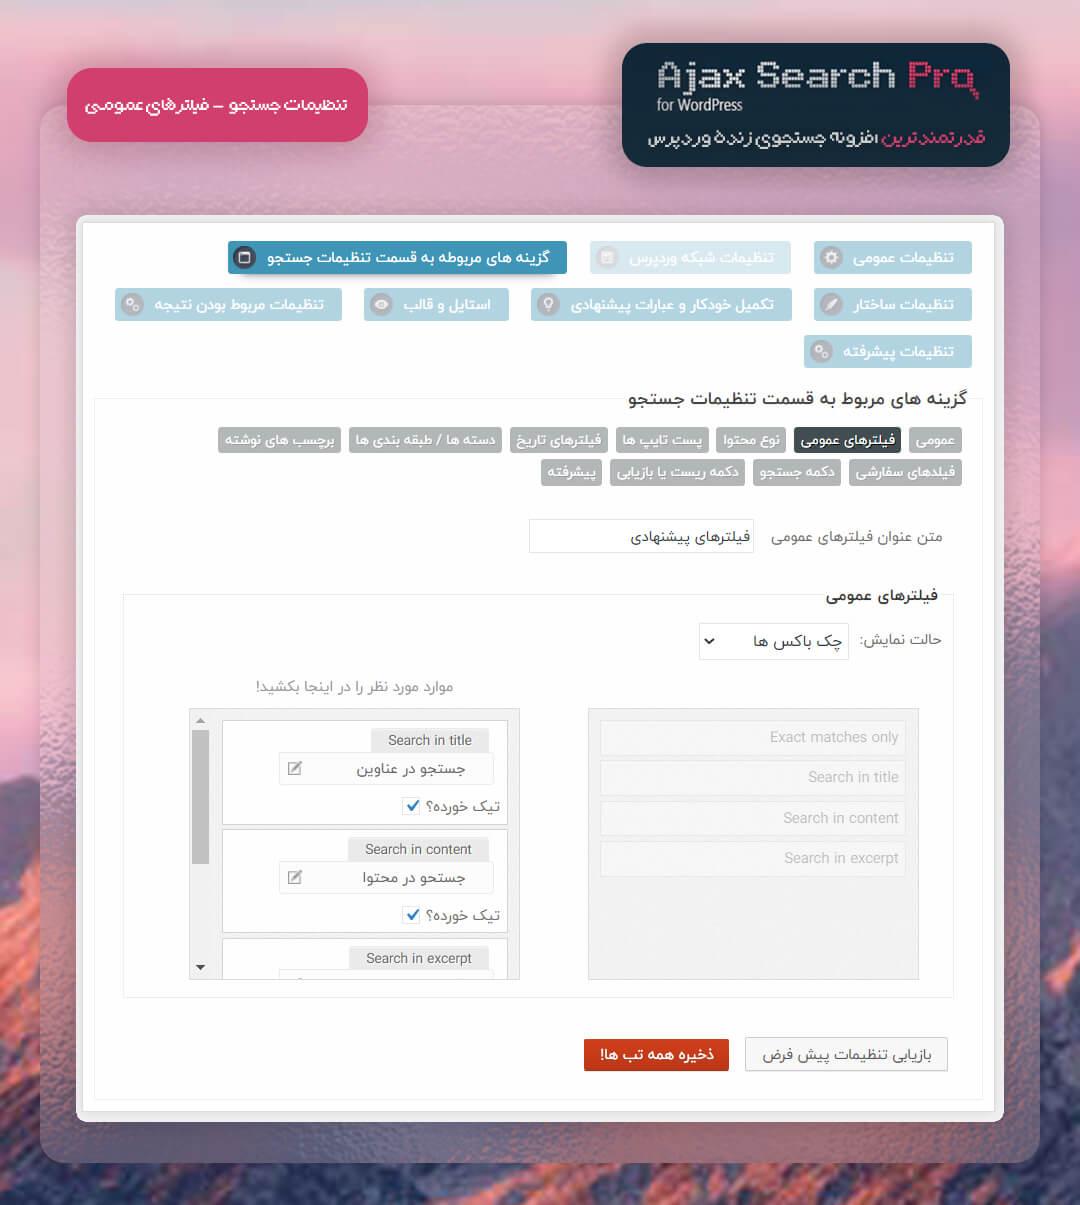 دانلود افزونه ajax search pro به همراه فیلترهای عمومی